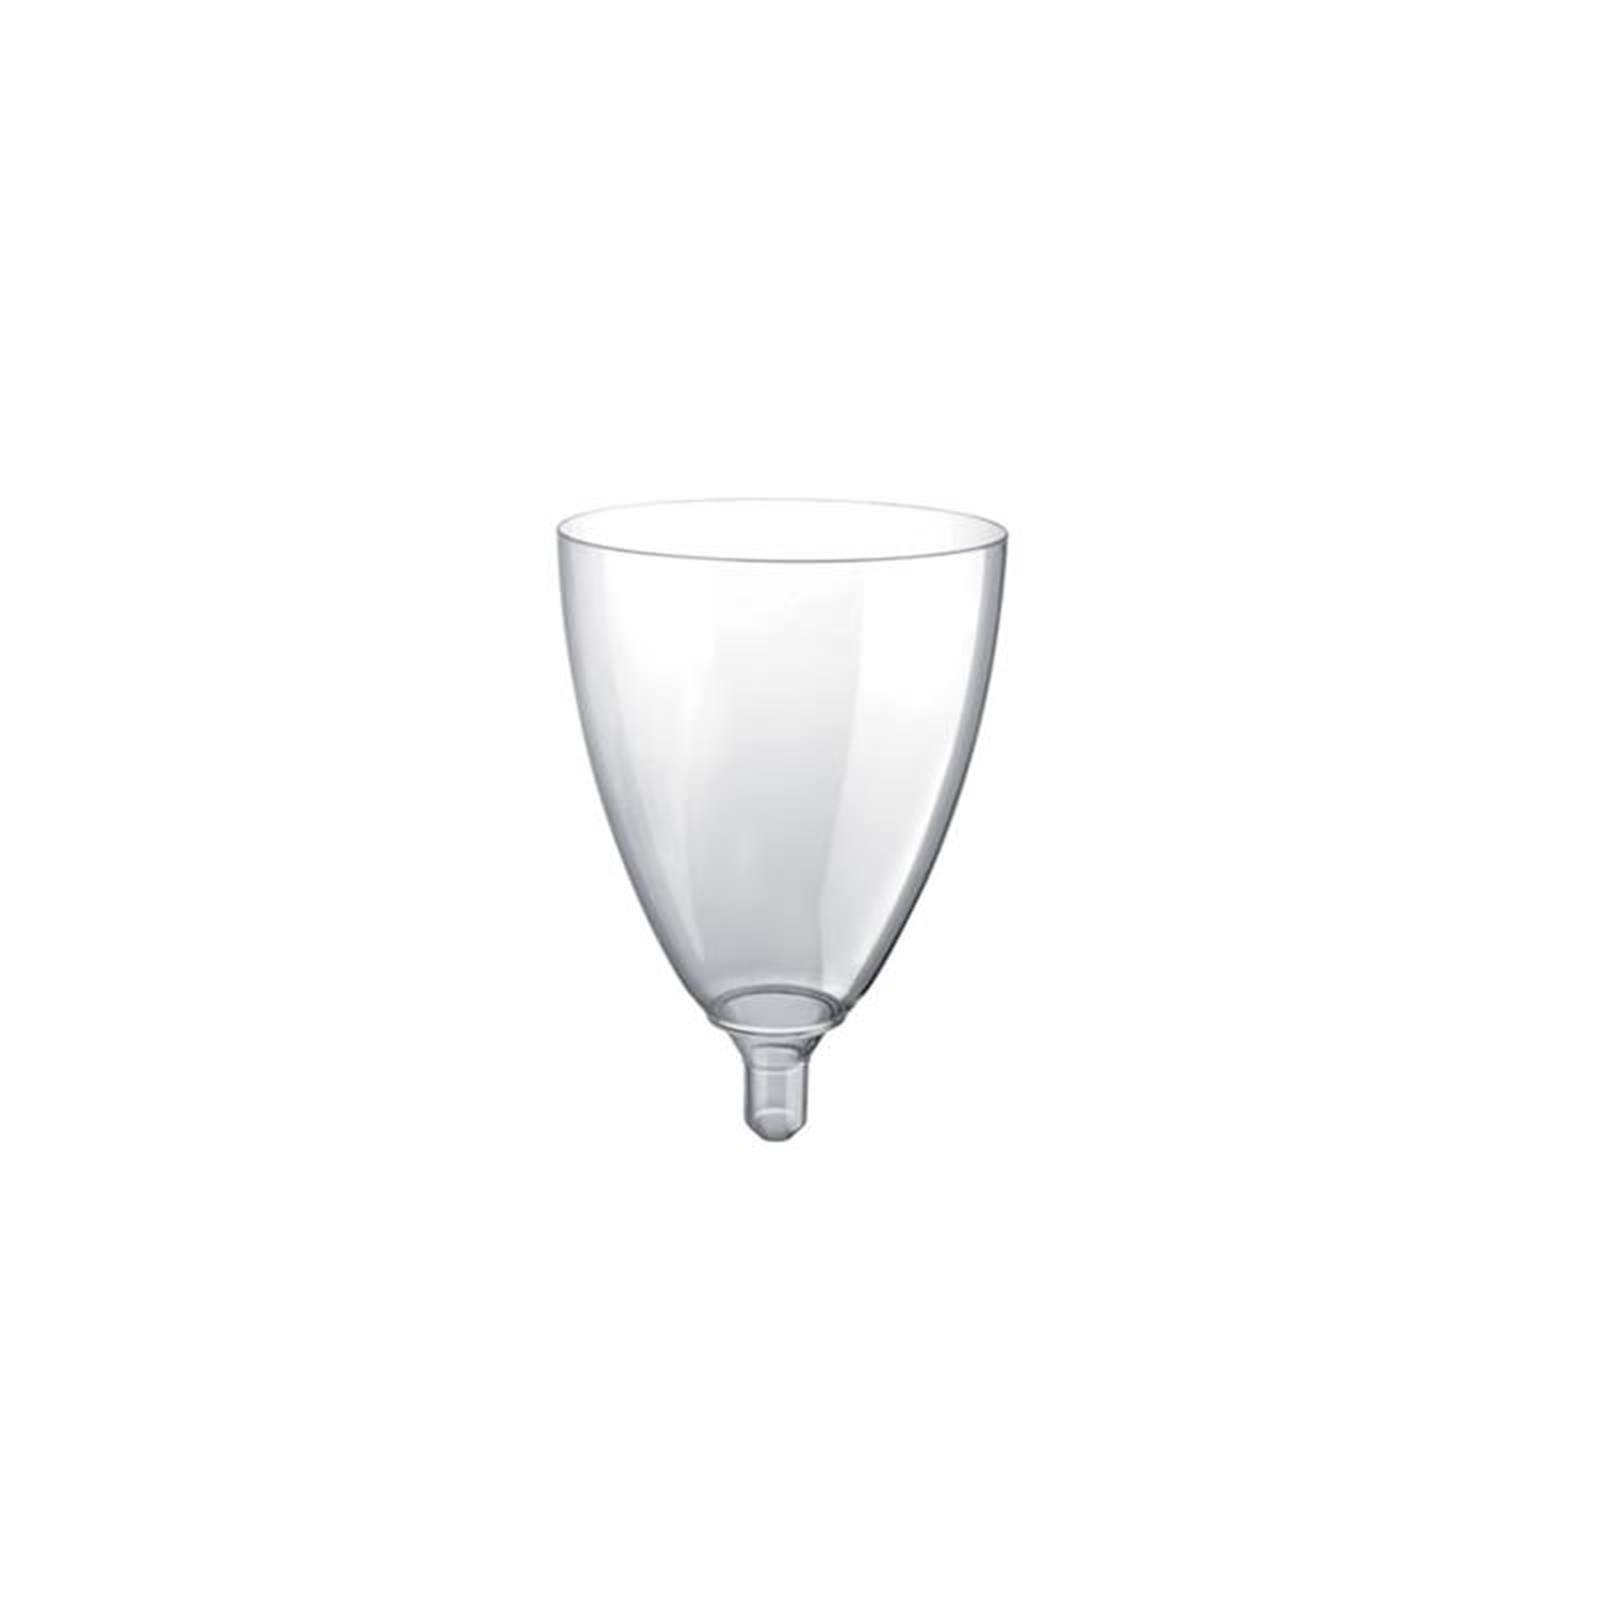 Calici Vino E Acqua bicchiere calici acqua vino trasparente : bicchiere calice